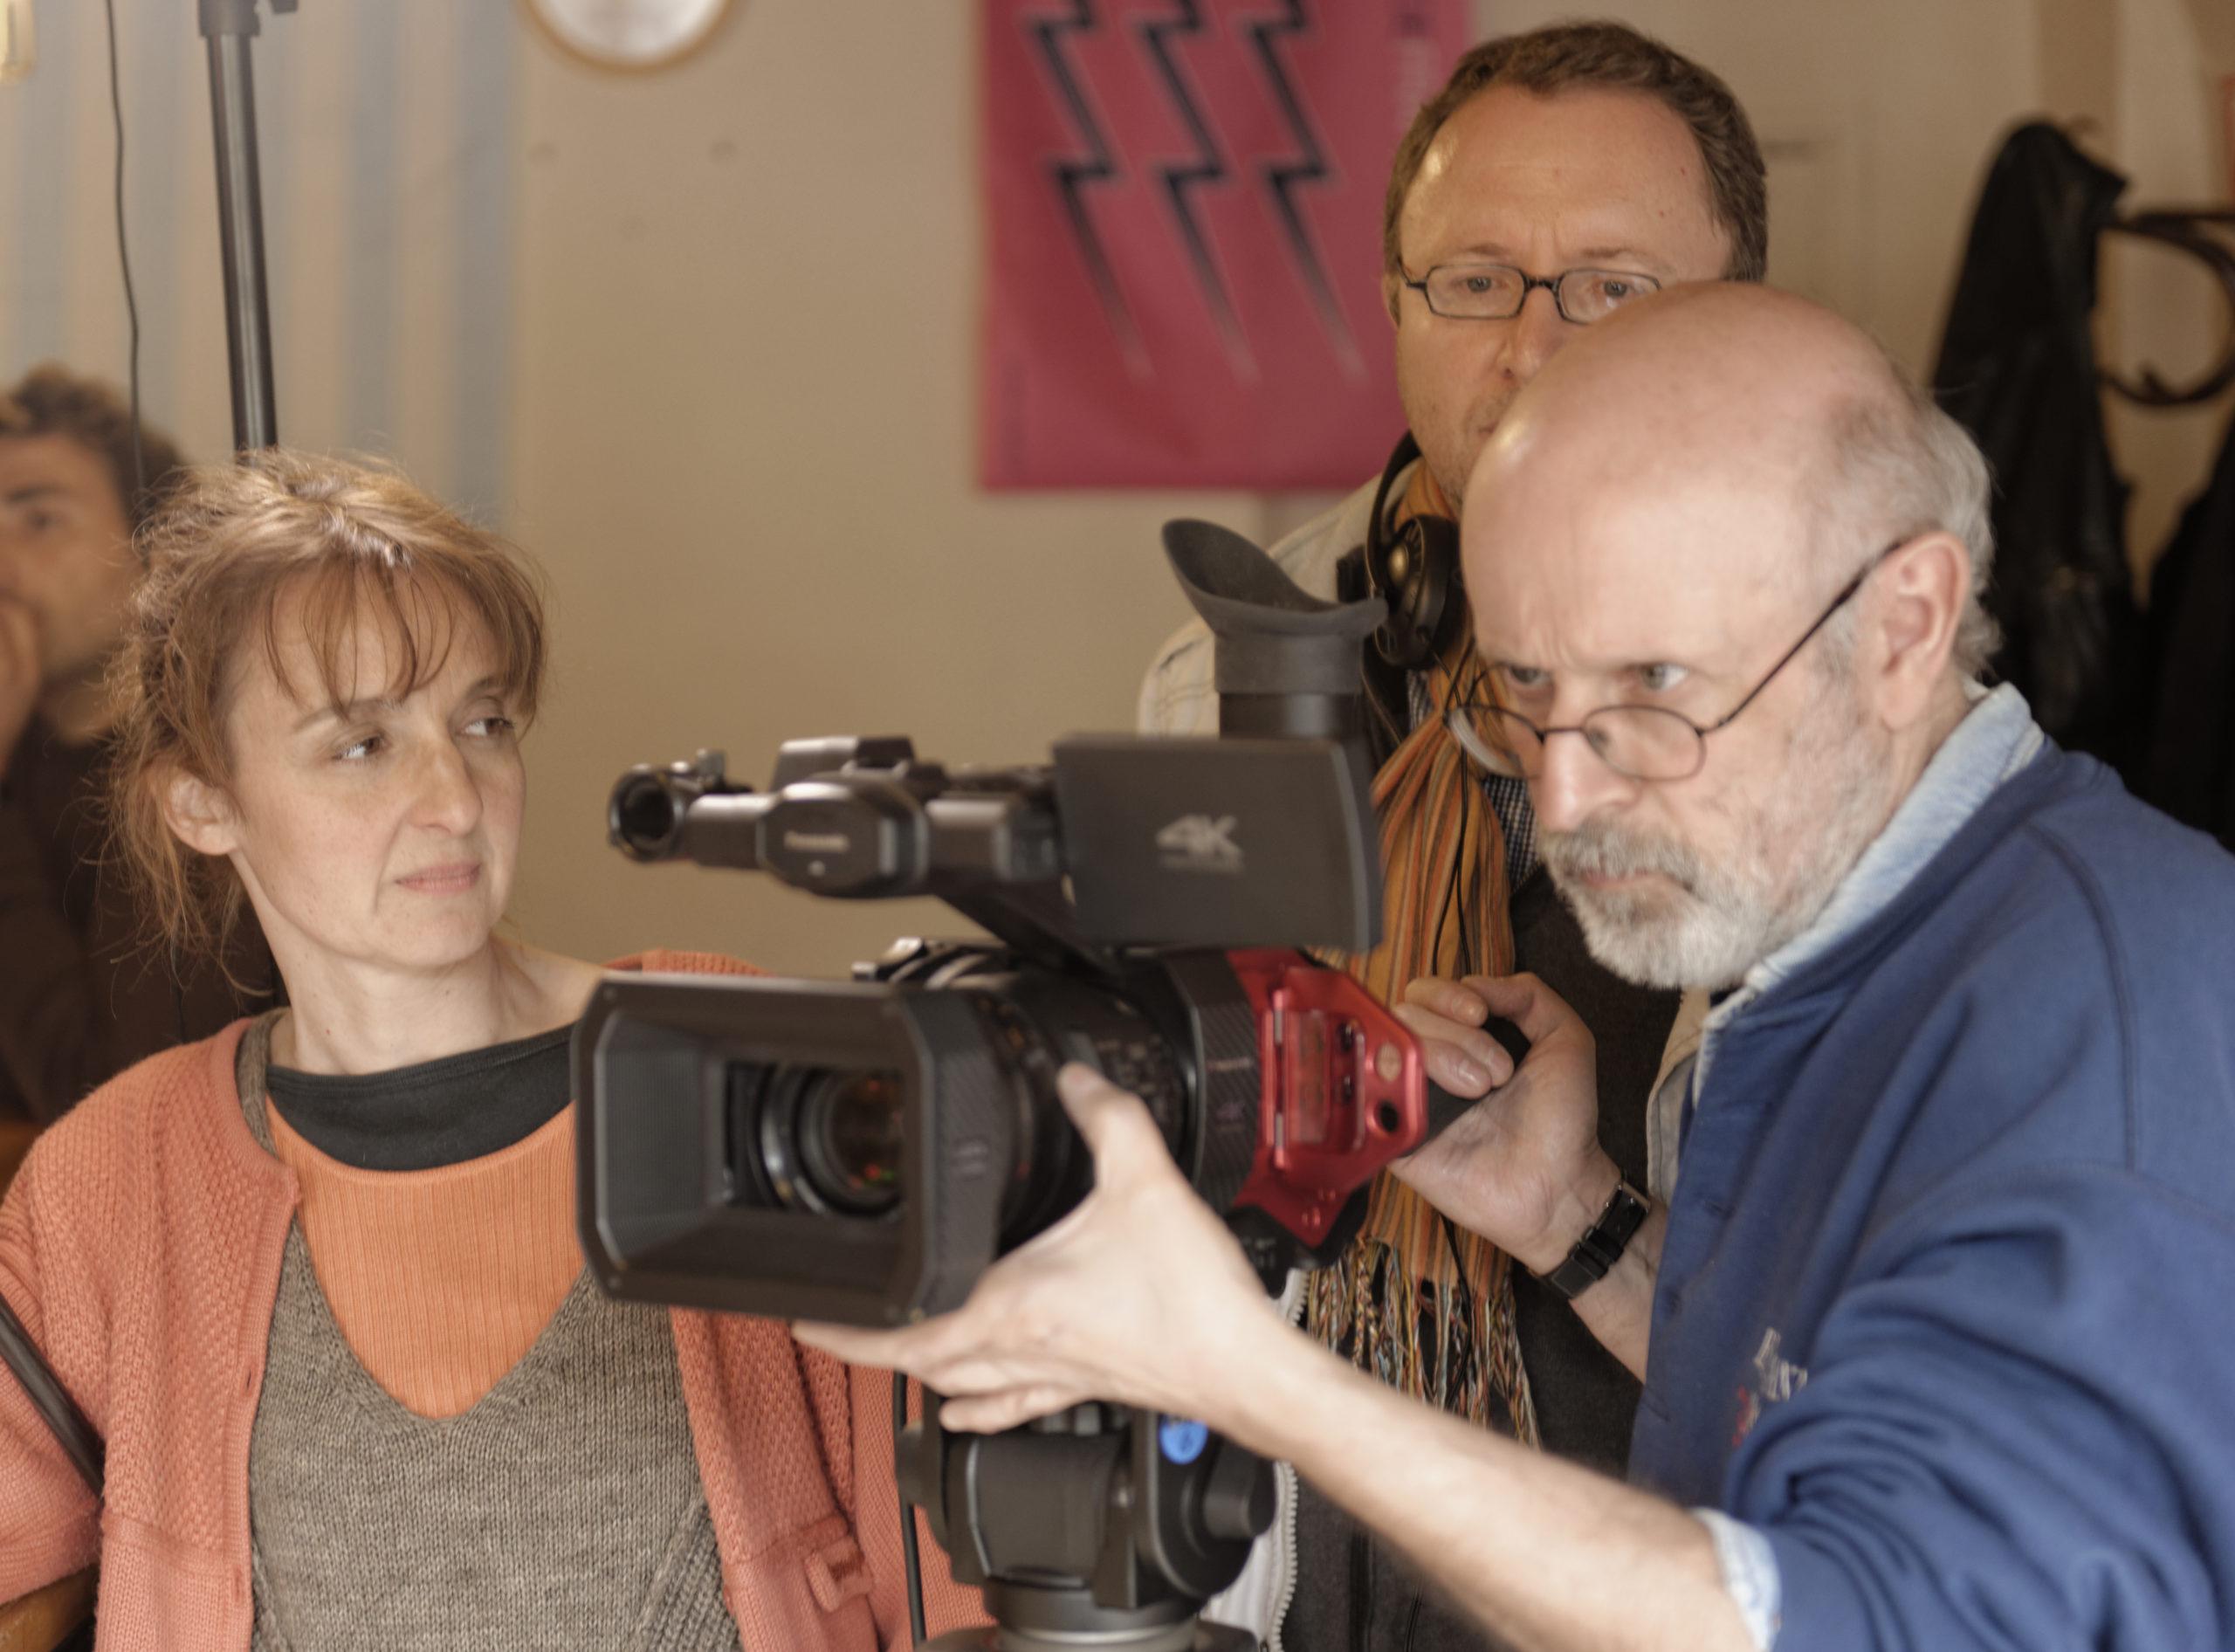 Pere et impair photos tournage 54